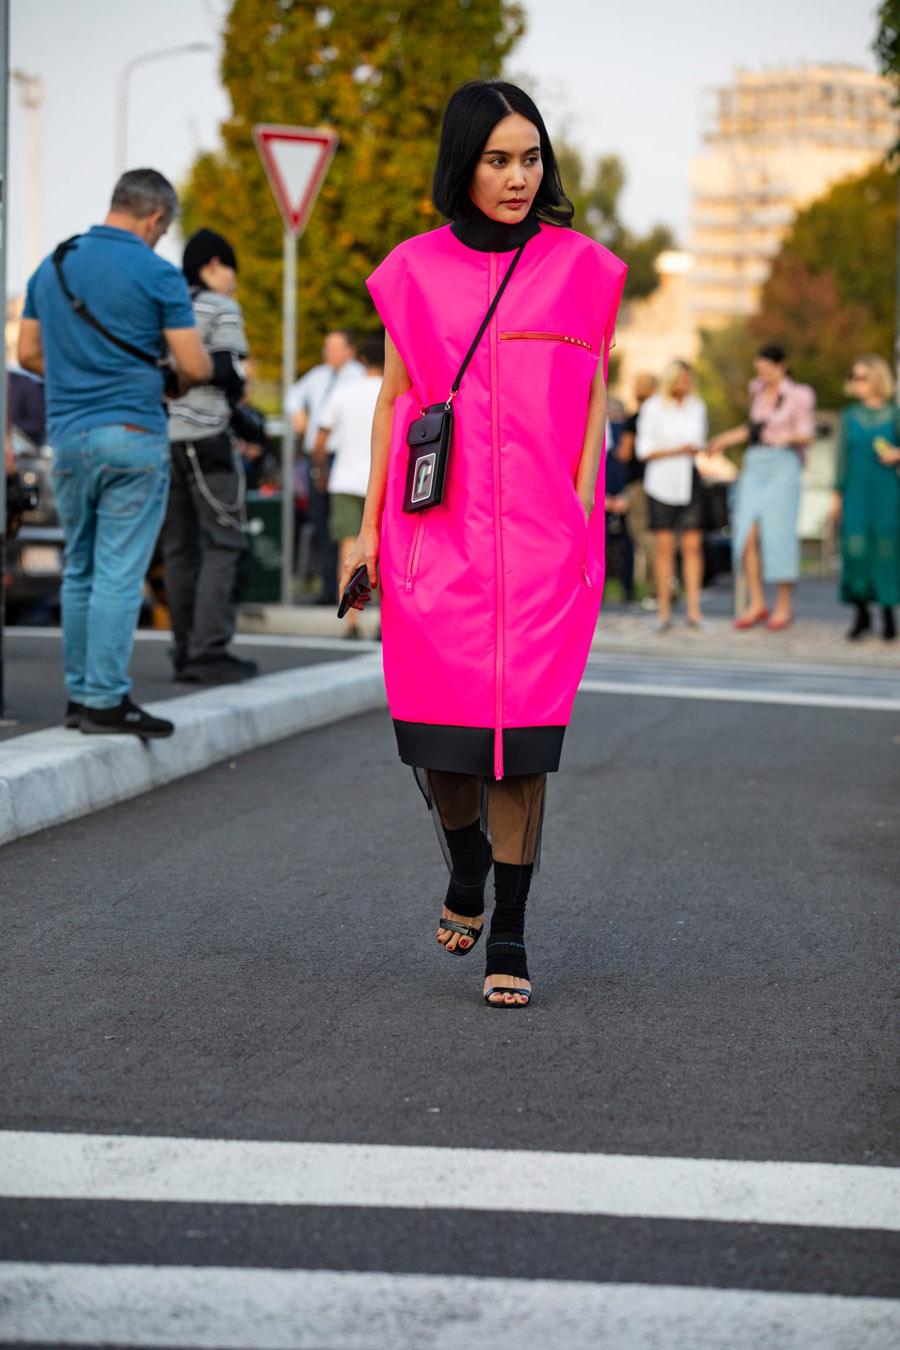 milan-fashion-week-spring-2019-street-style-day-2-25